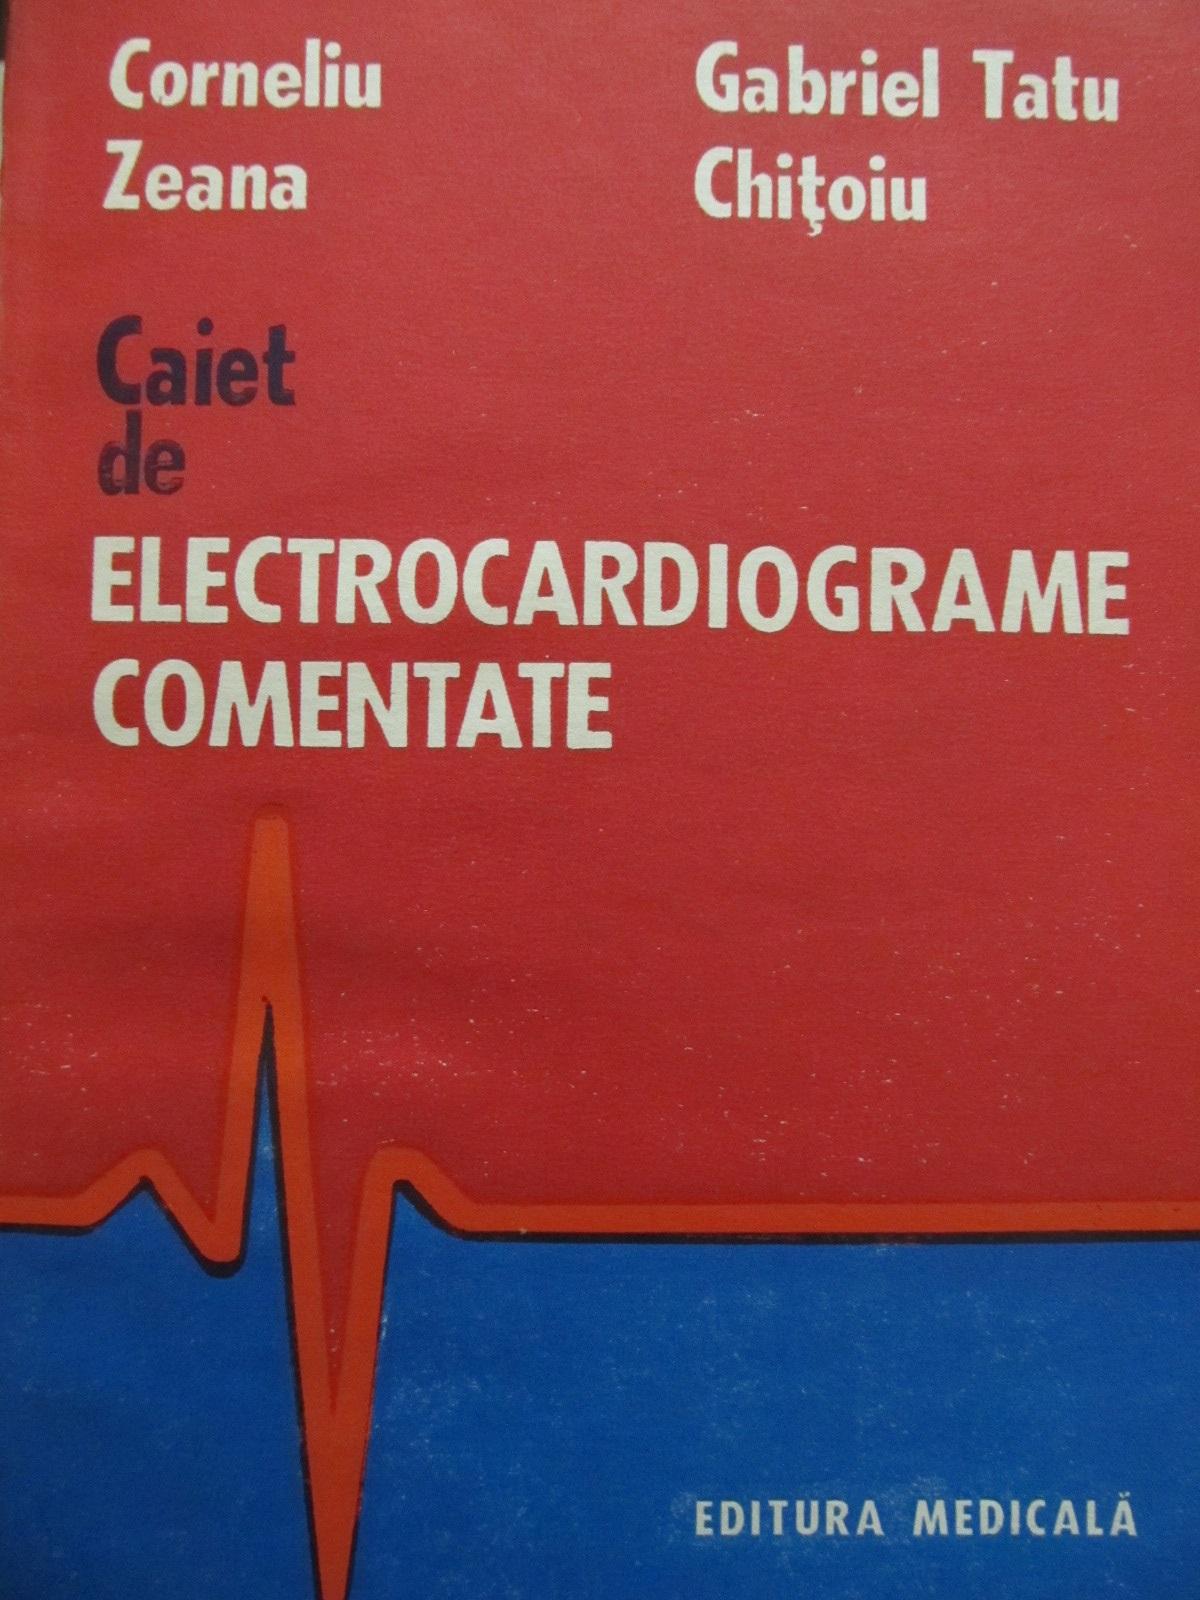 Caiet de electrocardiograme comentate [1] - Corneliu Zeana , Gabriel Tatu Chitoiu   Detalii carte